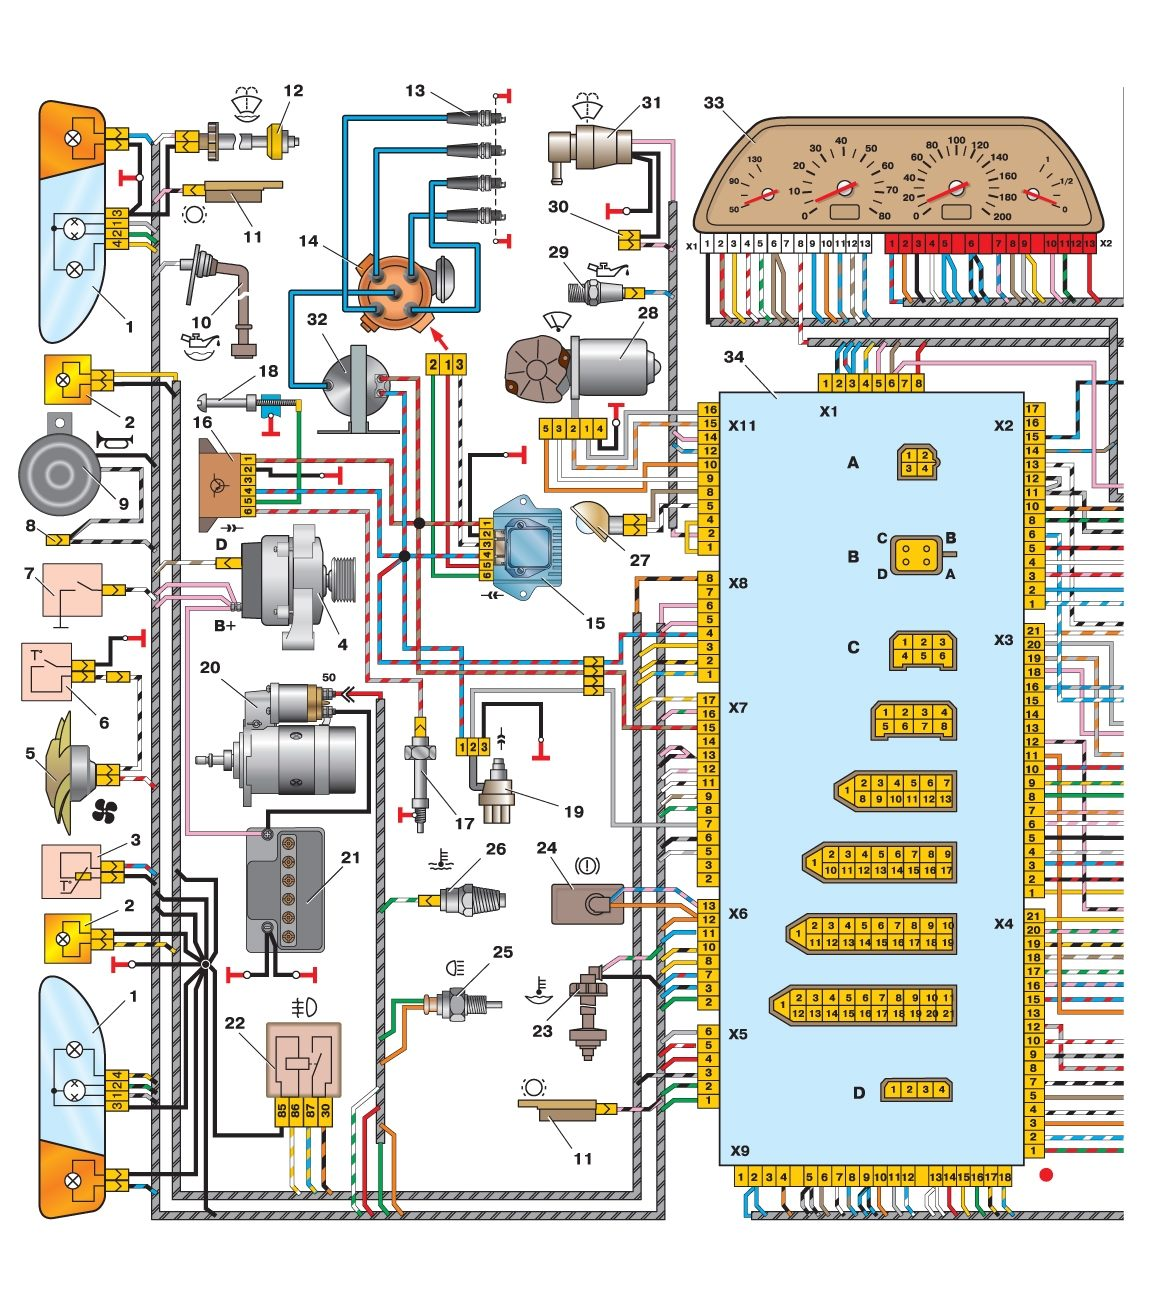 ...5 - электродвигатель вентилятора системы охлаждения двигателя; 6 - датчик включения электродвигателя вентилятора.